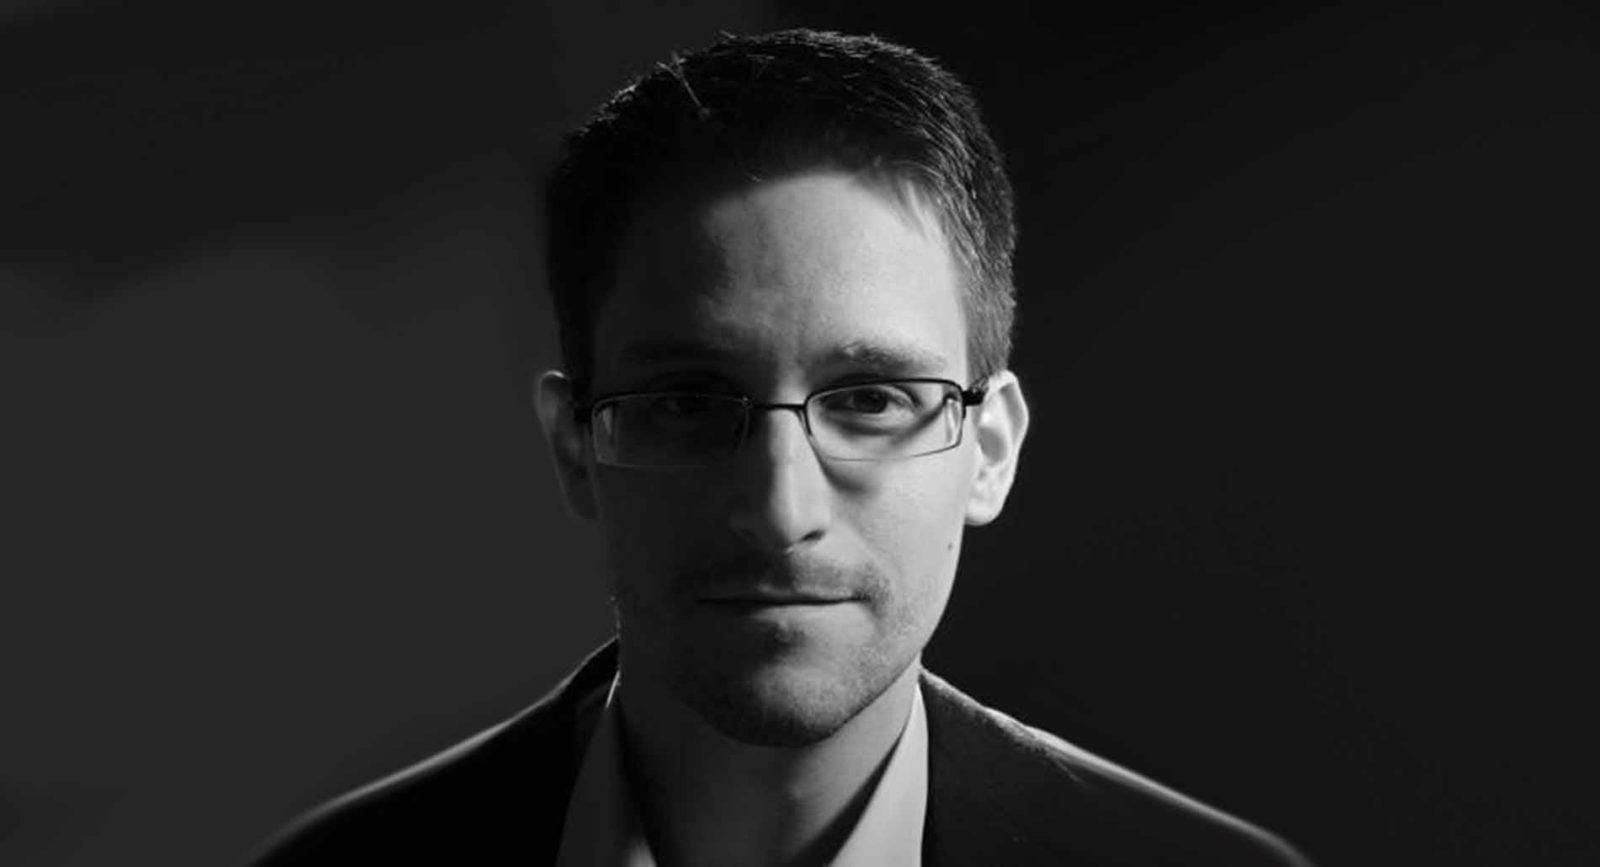 Edward Snowden. © Private